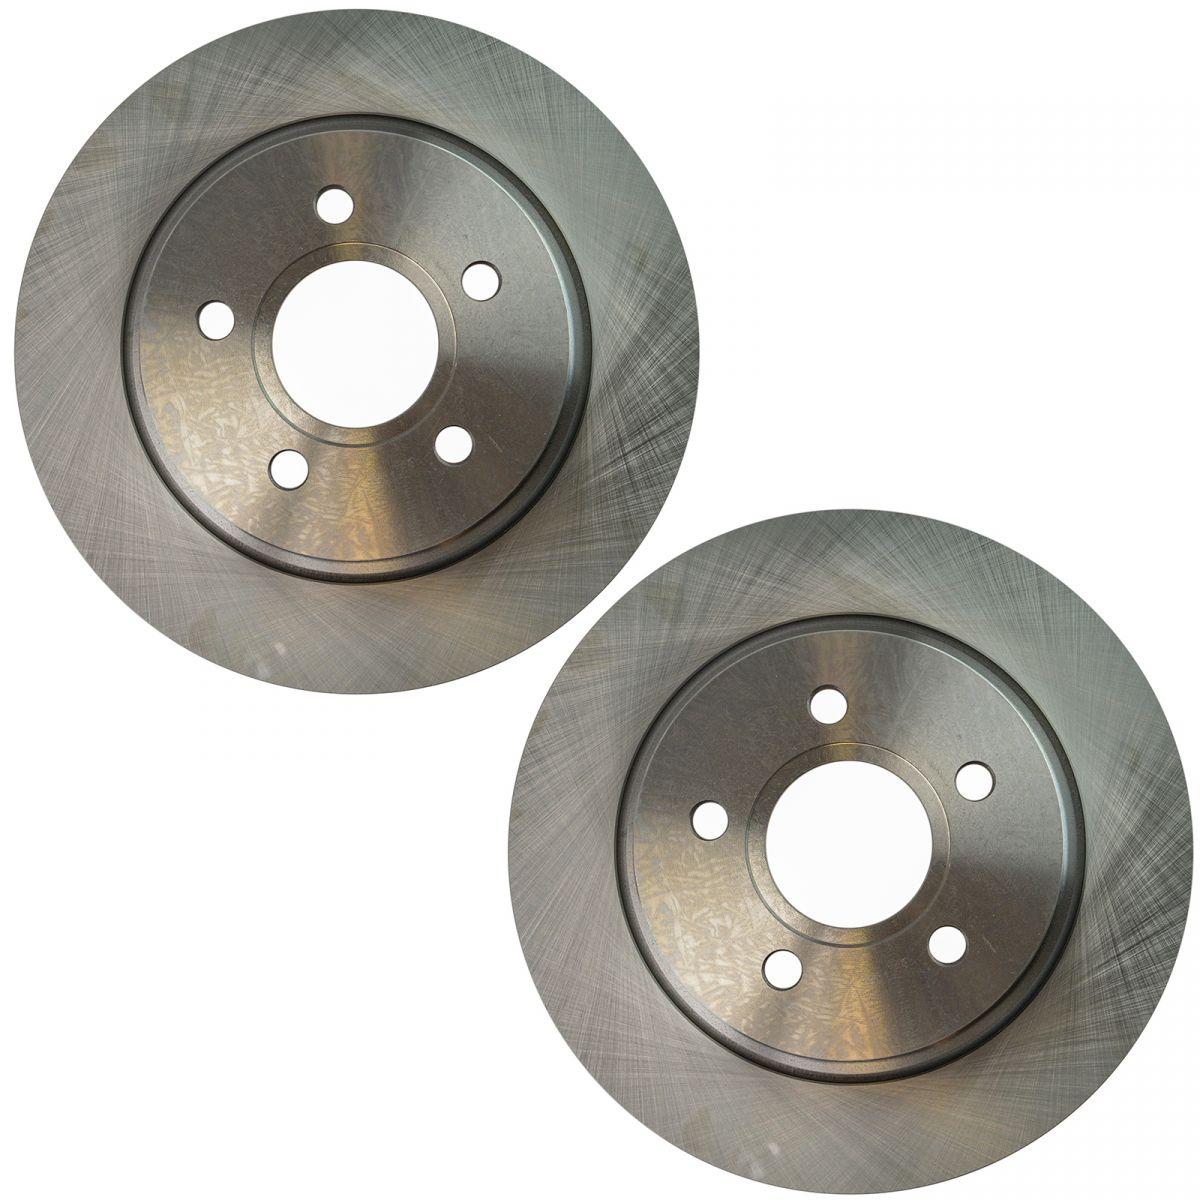 Rear Driver /& Passenger Side Disc Brake Rotor Pair for Volvo S40 C70 V50 C30